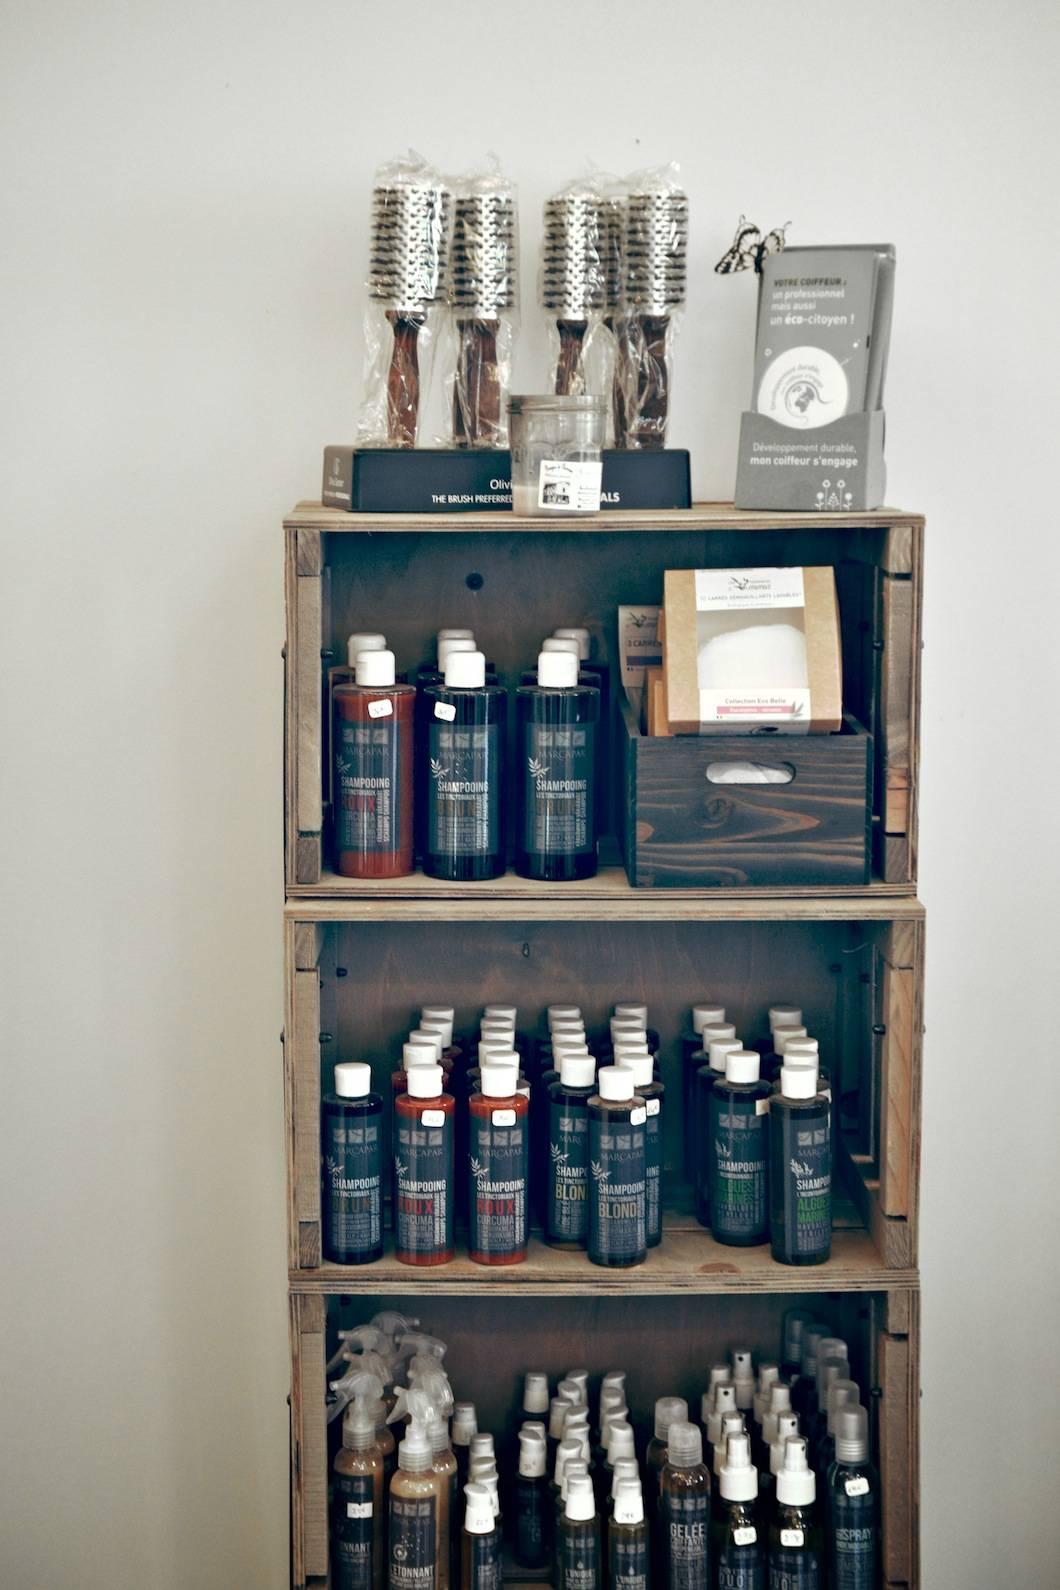 Shampoing Marcapar au salon de coiffure Beauté bio à Saint Germain-en-Laye (Yvelines) - 22 v'la Scarlett